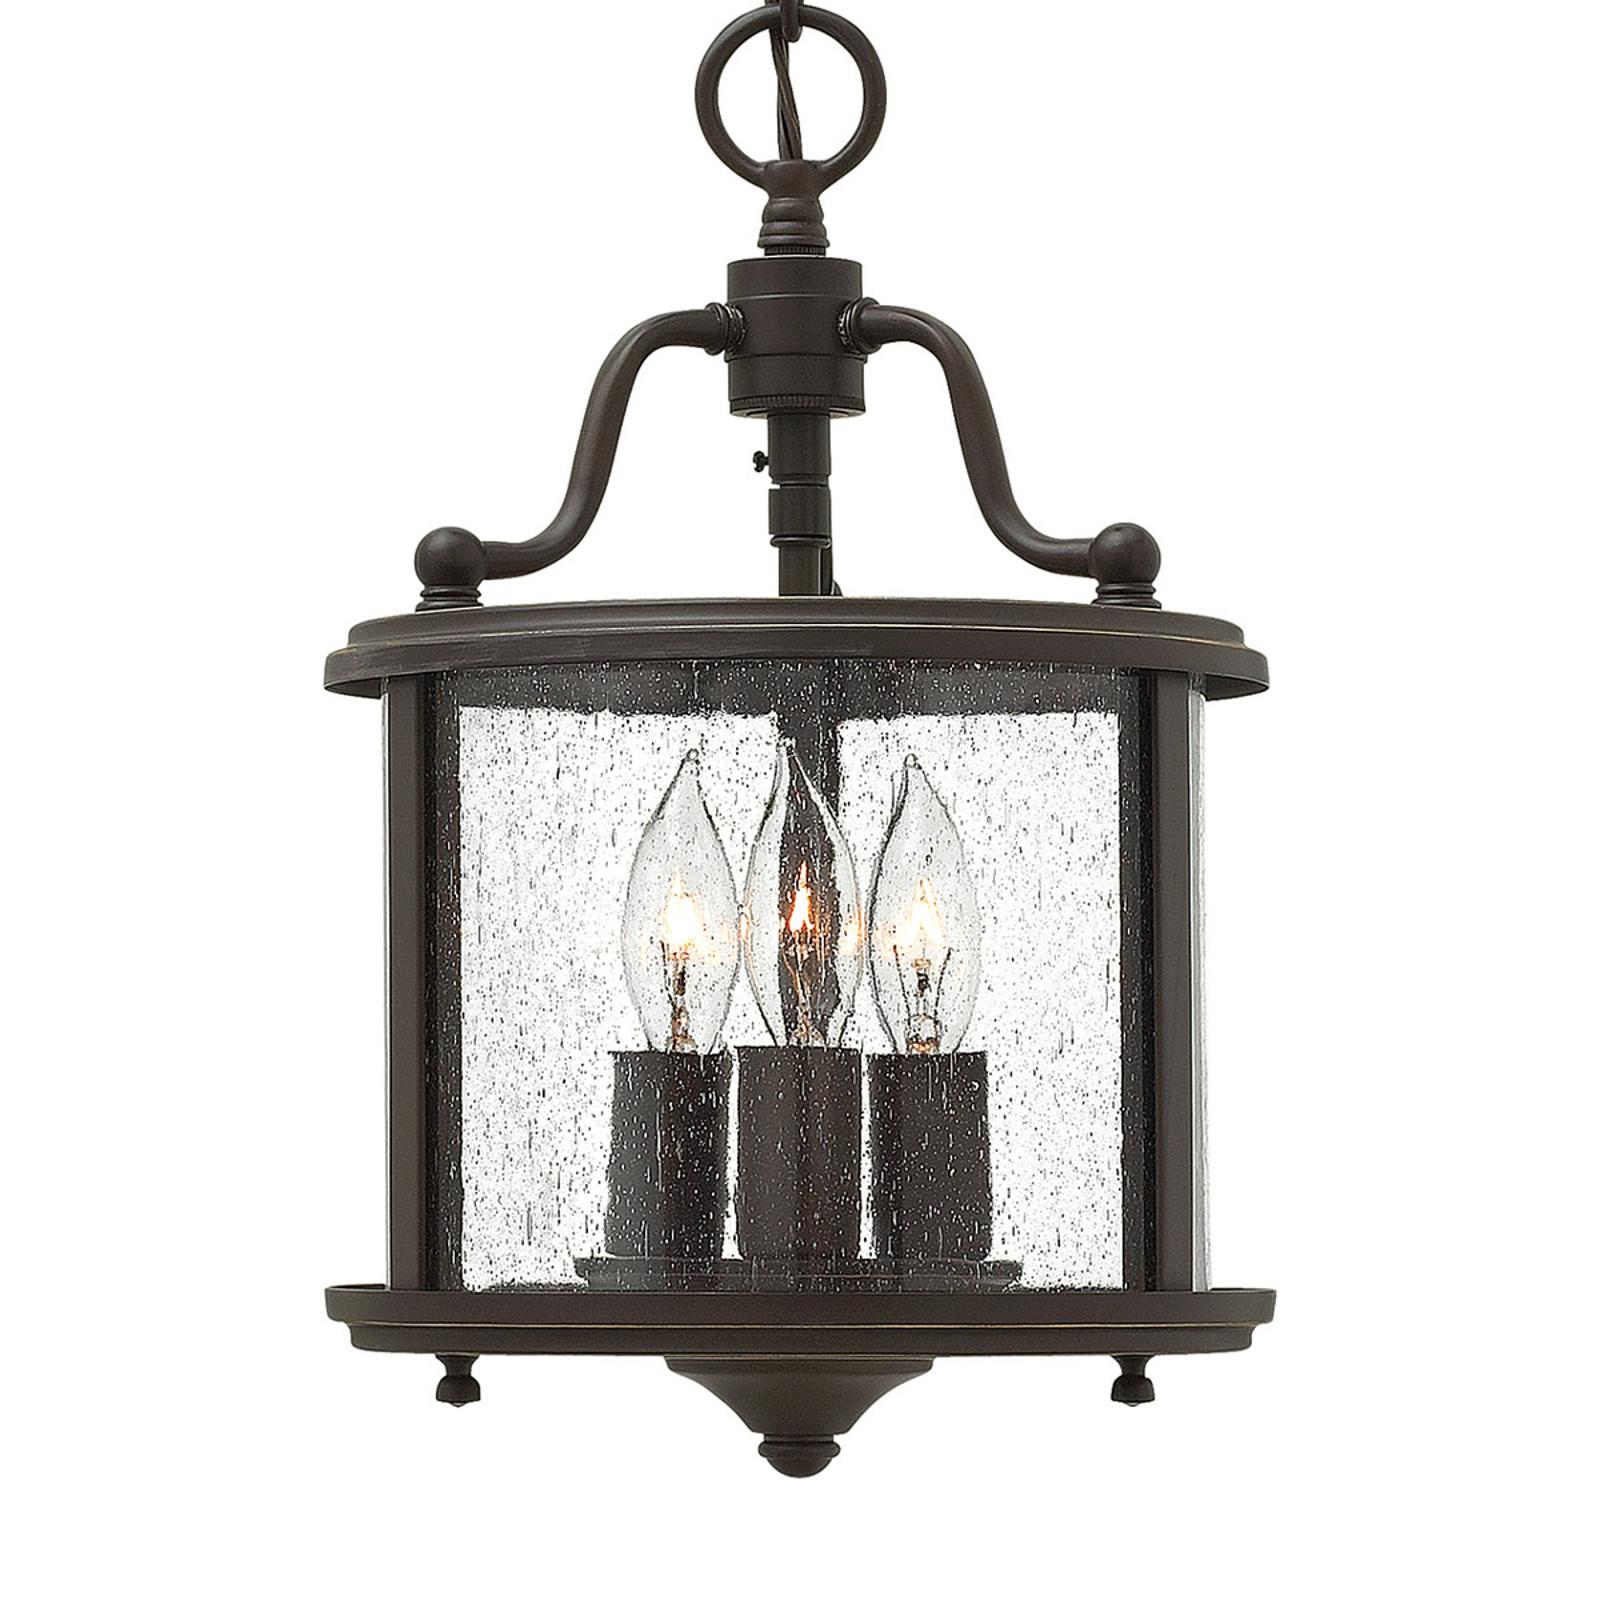 Antiek ontworpen hanglamp Gentry